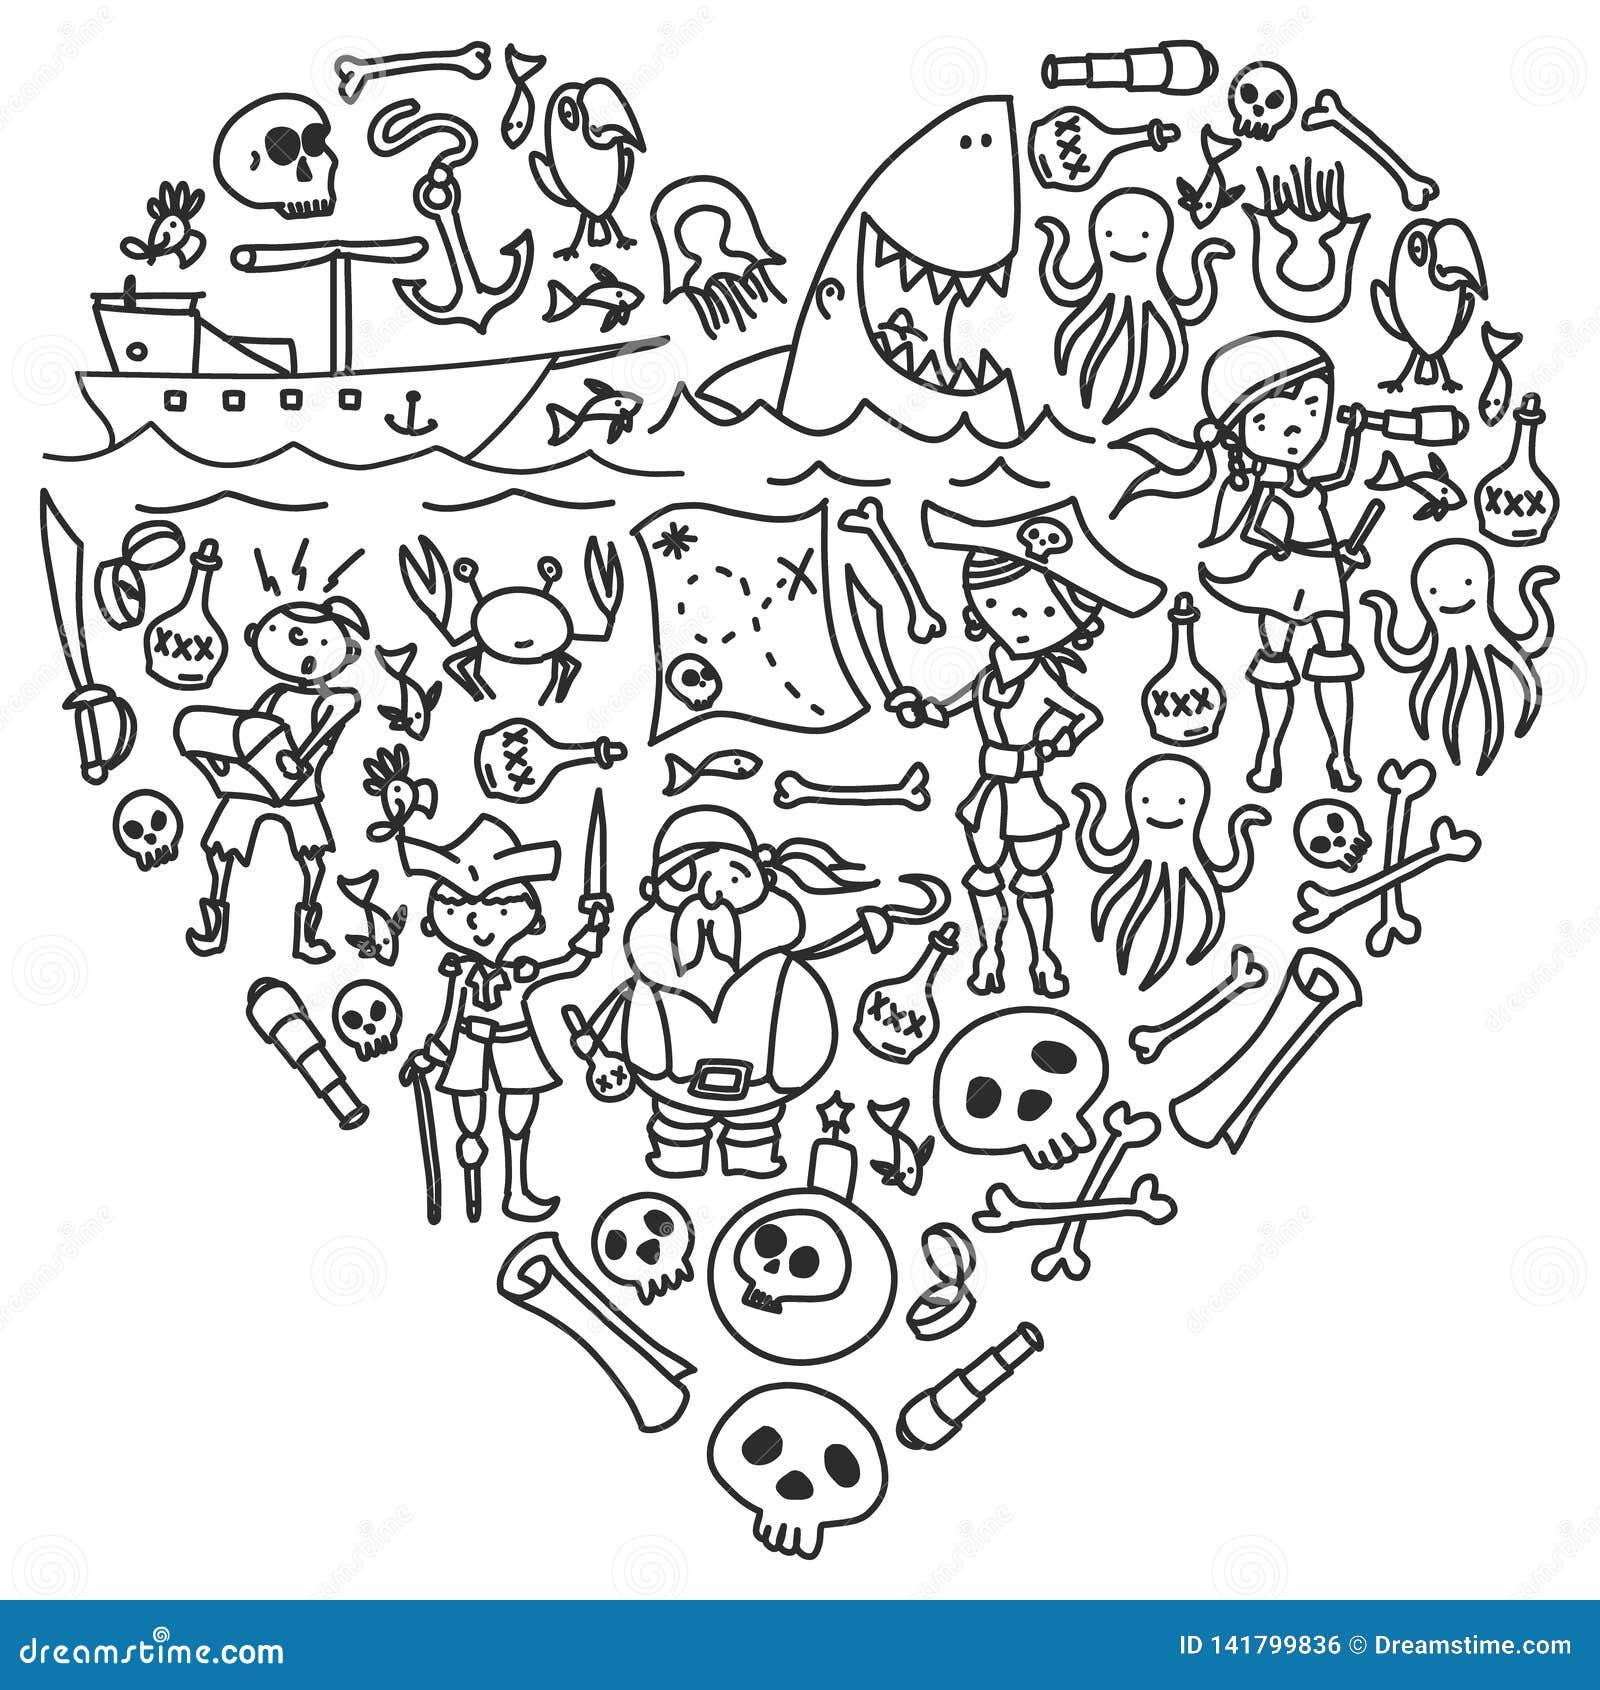 Набор вектора значков чертежей детей пиратов в стиле doodle Покрашенный, черный monochrome, изображения на куске бумаги